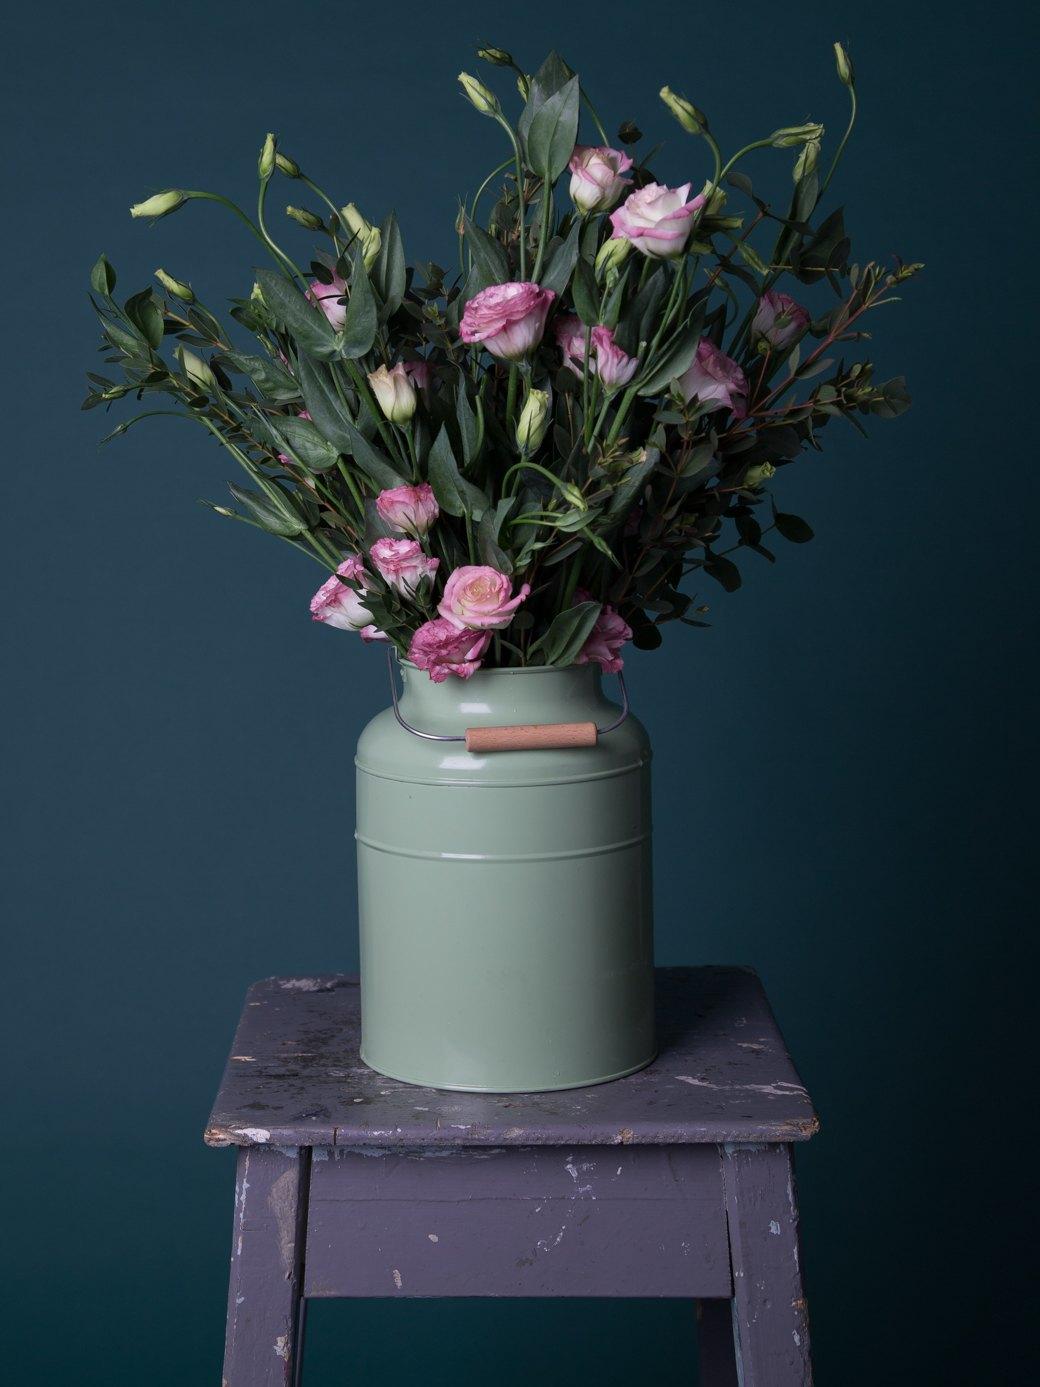 Сколько стоит букет цветов?. Изображение № 80.